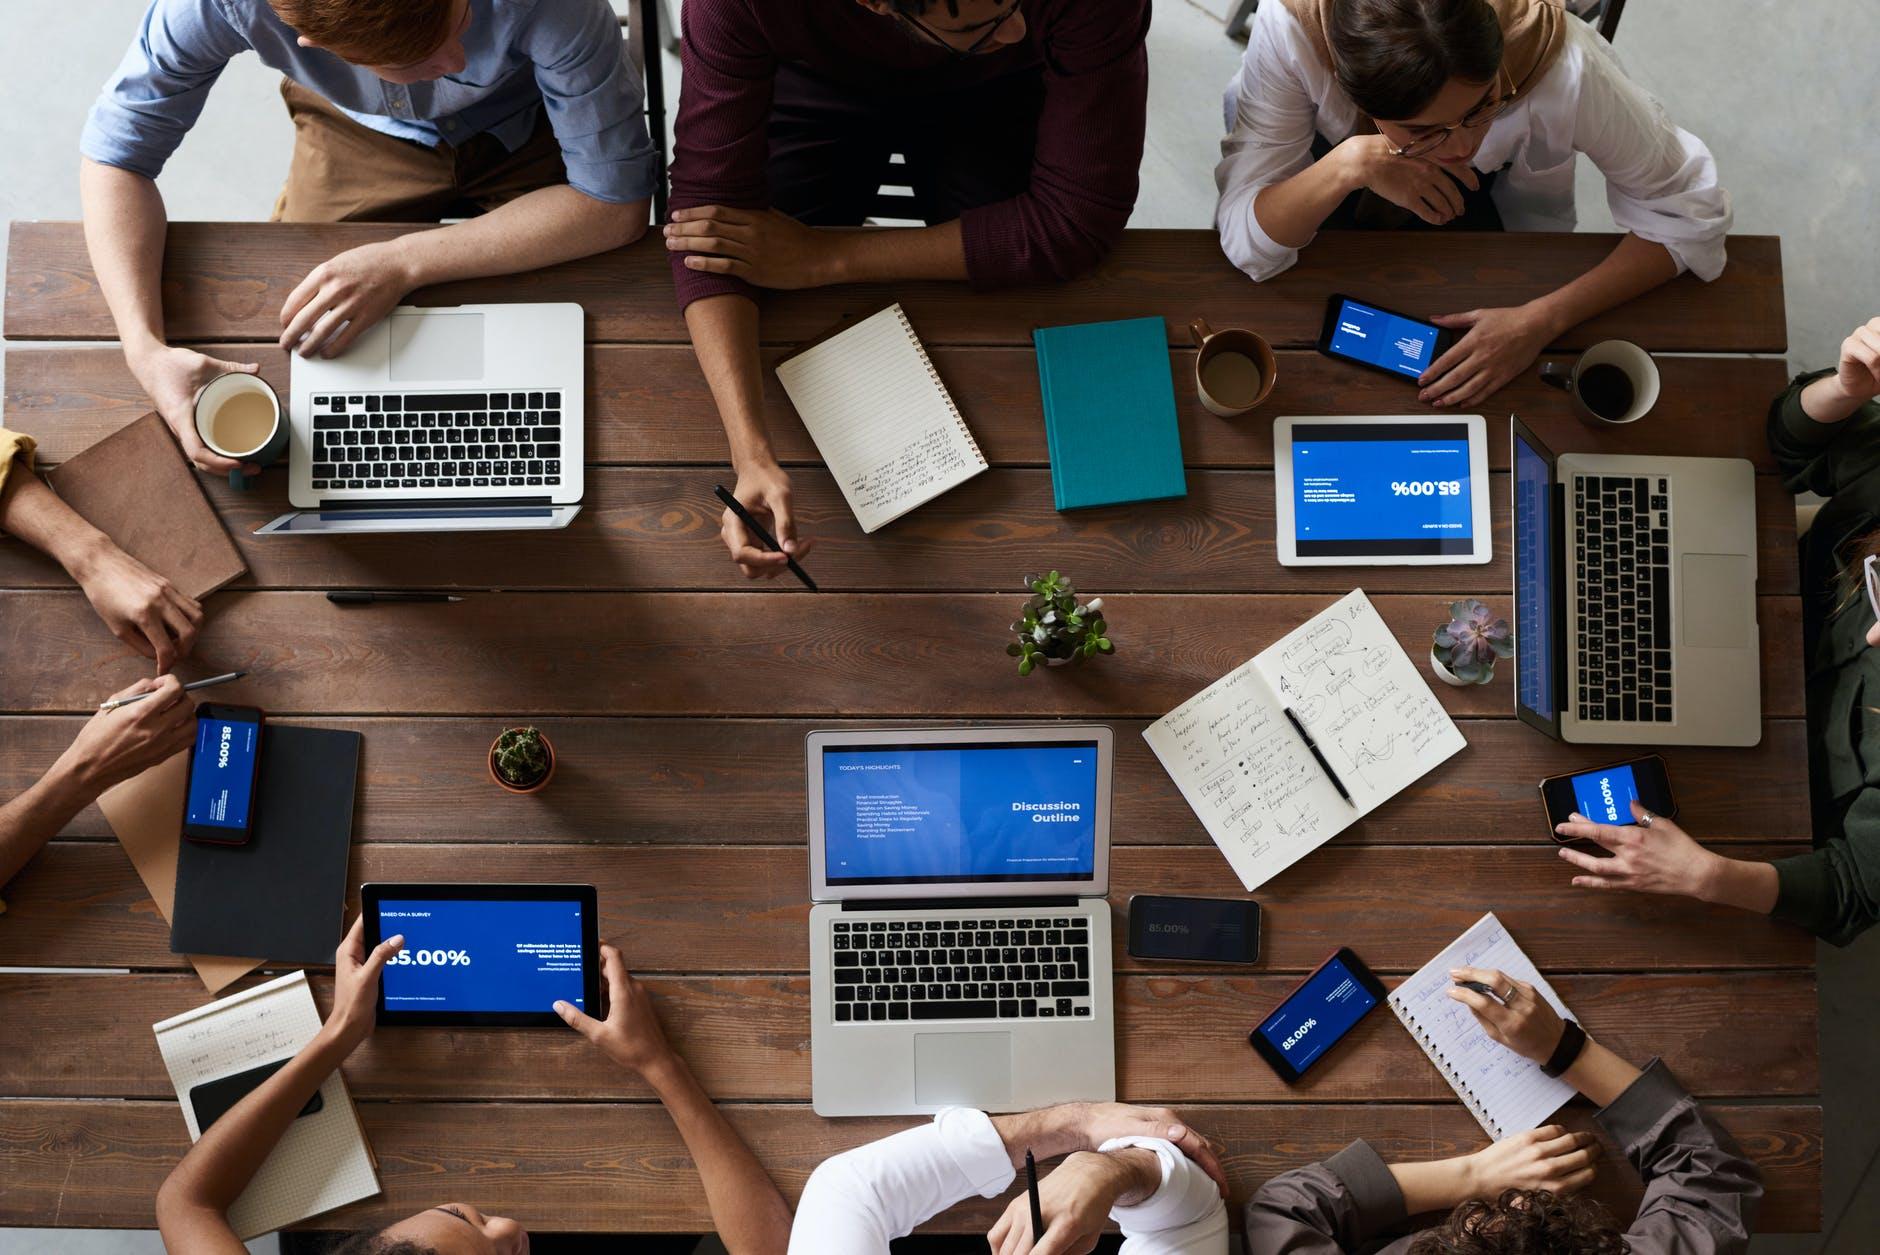 En ny dators påverkan på miljön